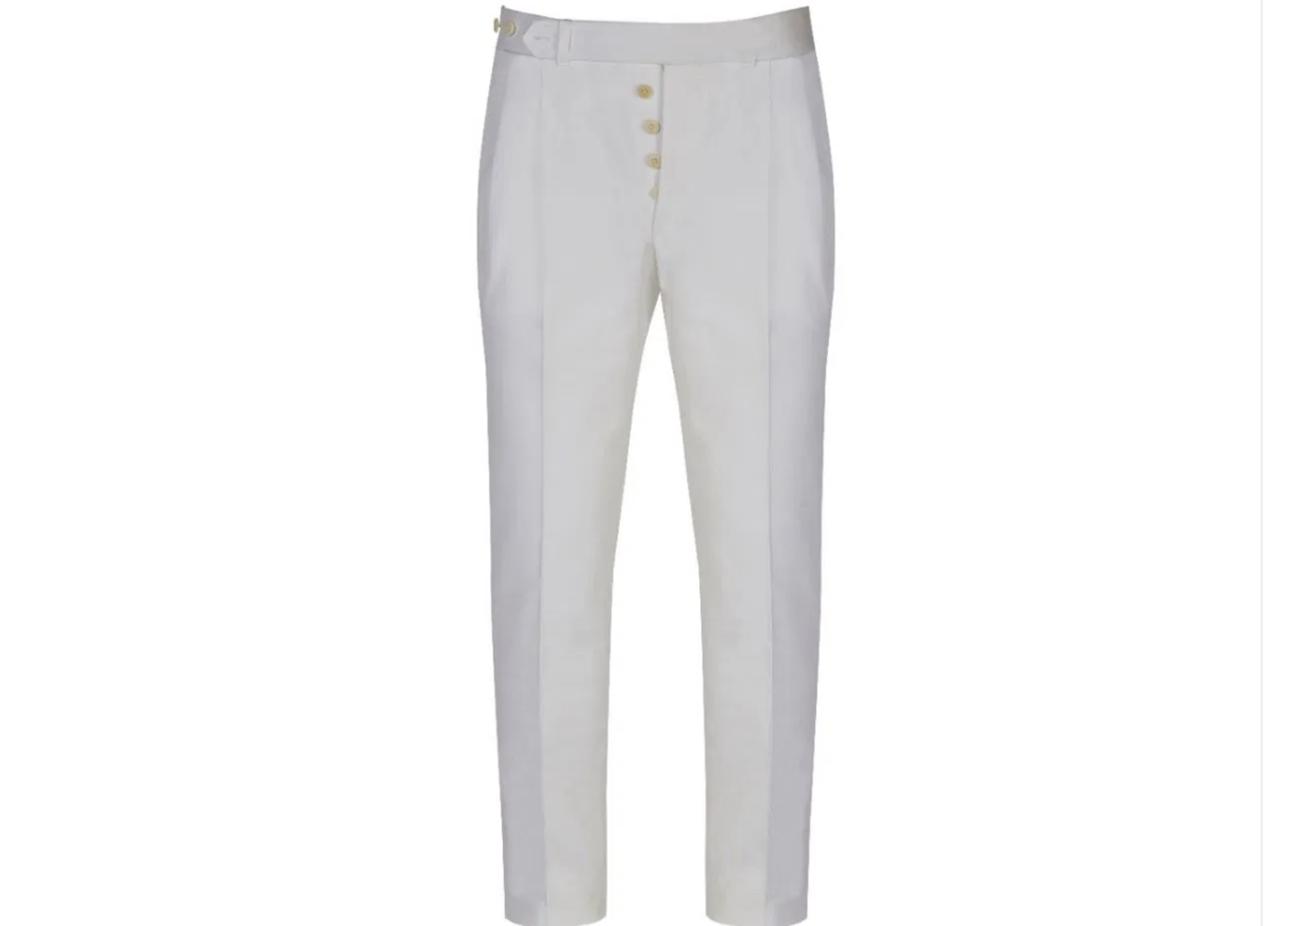 Σου δείχνουμε πως να φορέσεις το λευκό παντελόνι αυτό το καλοκαίρι